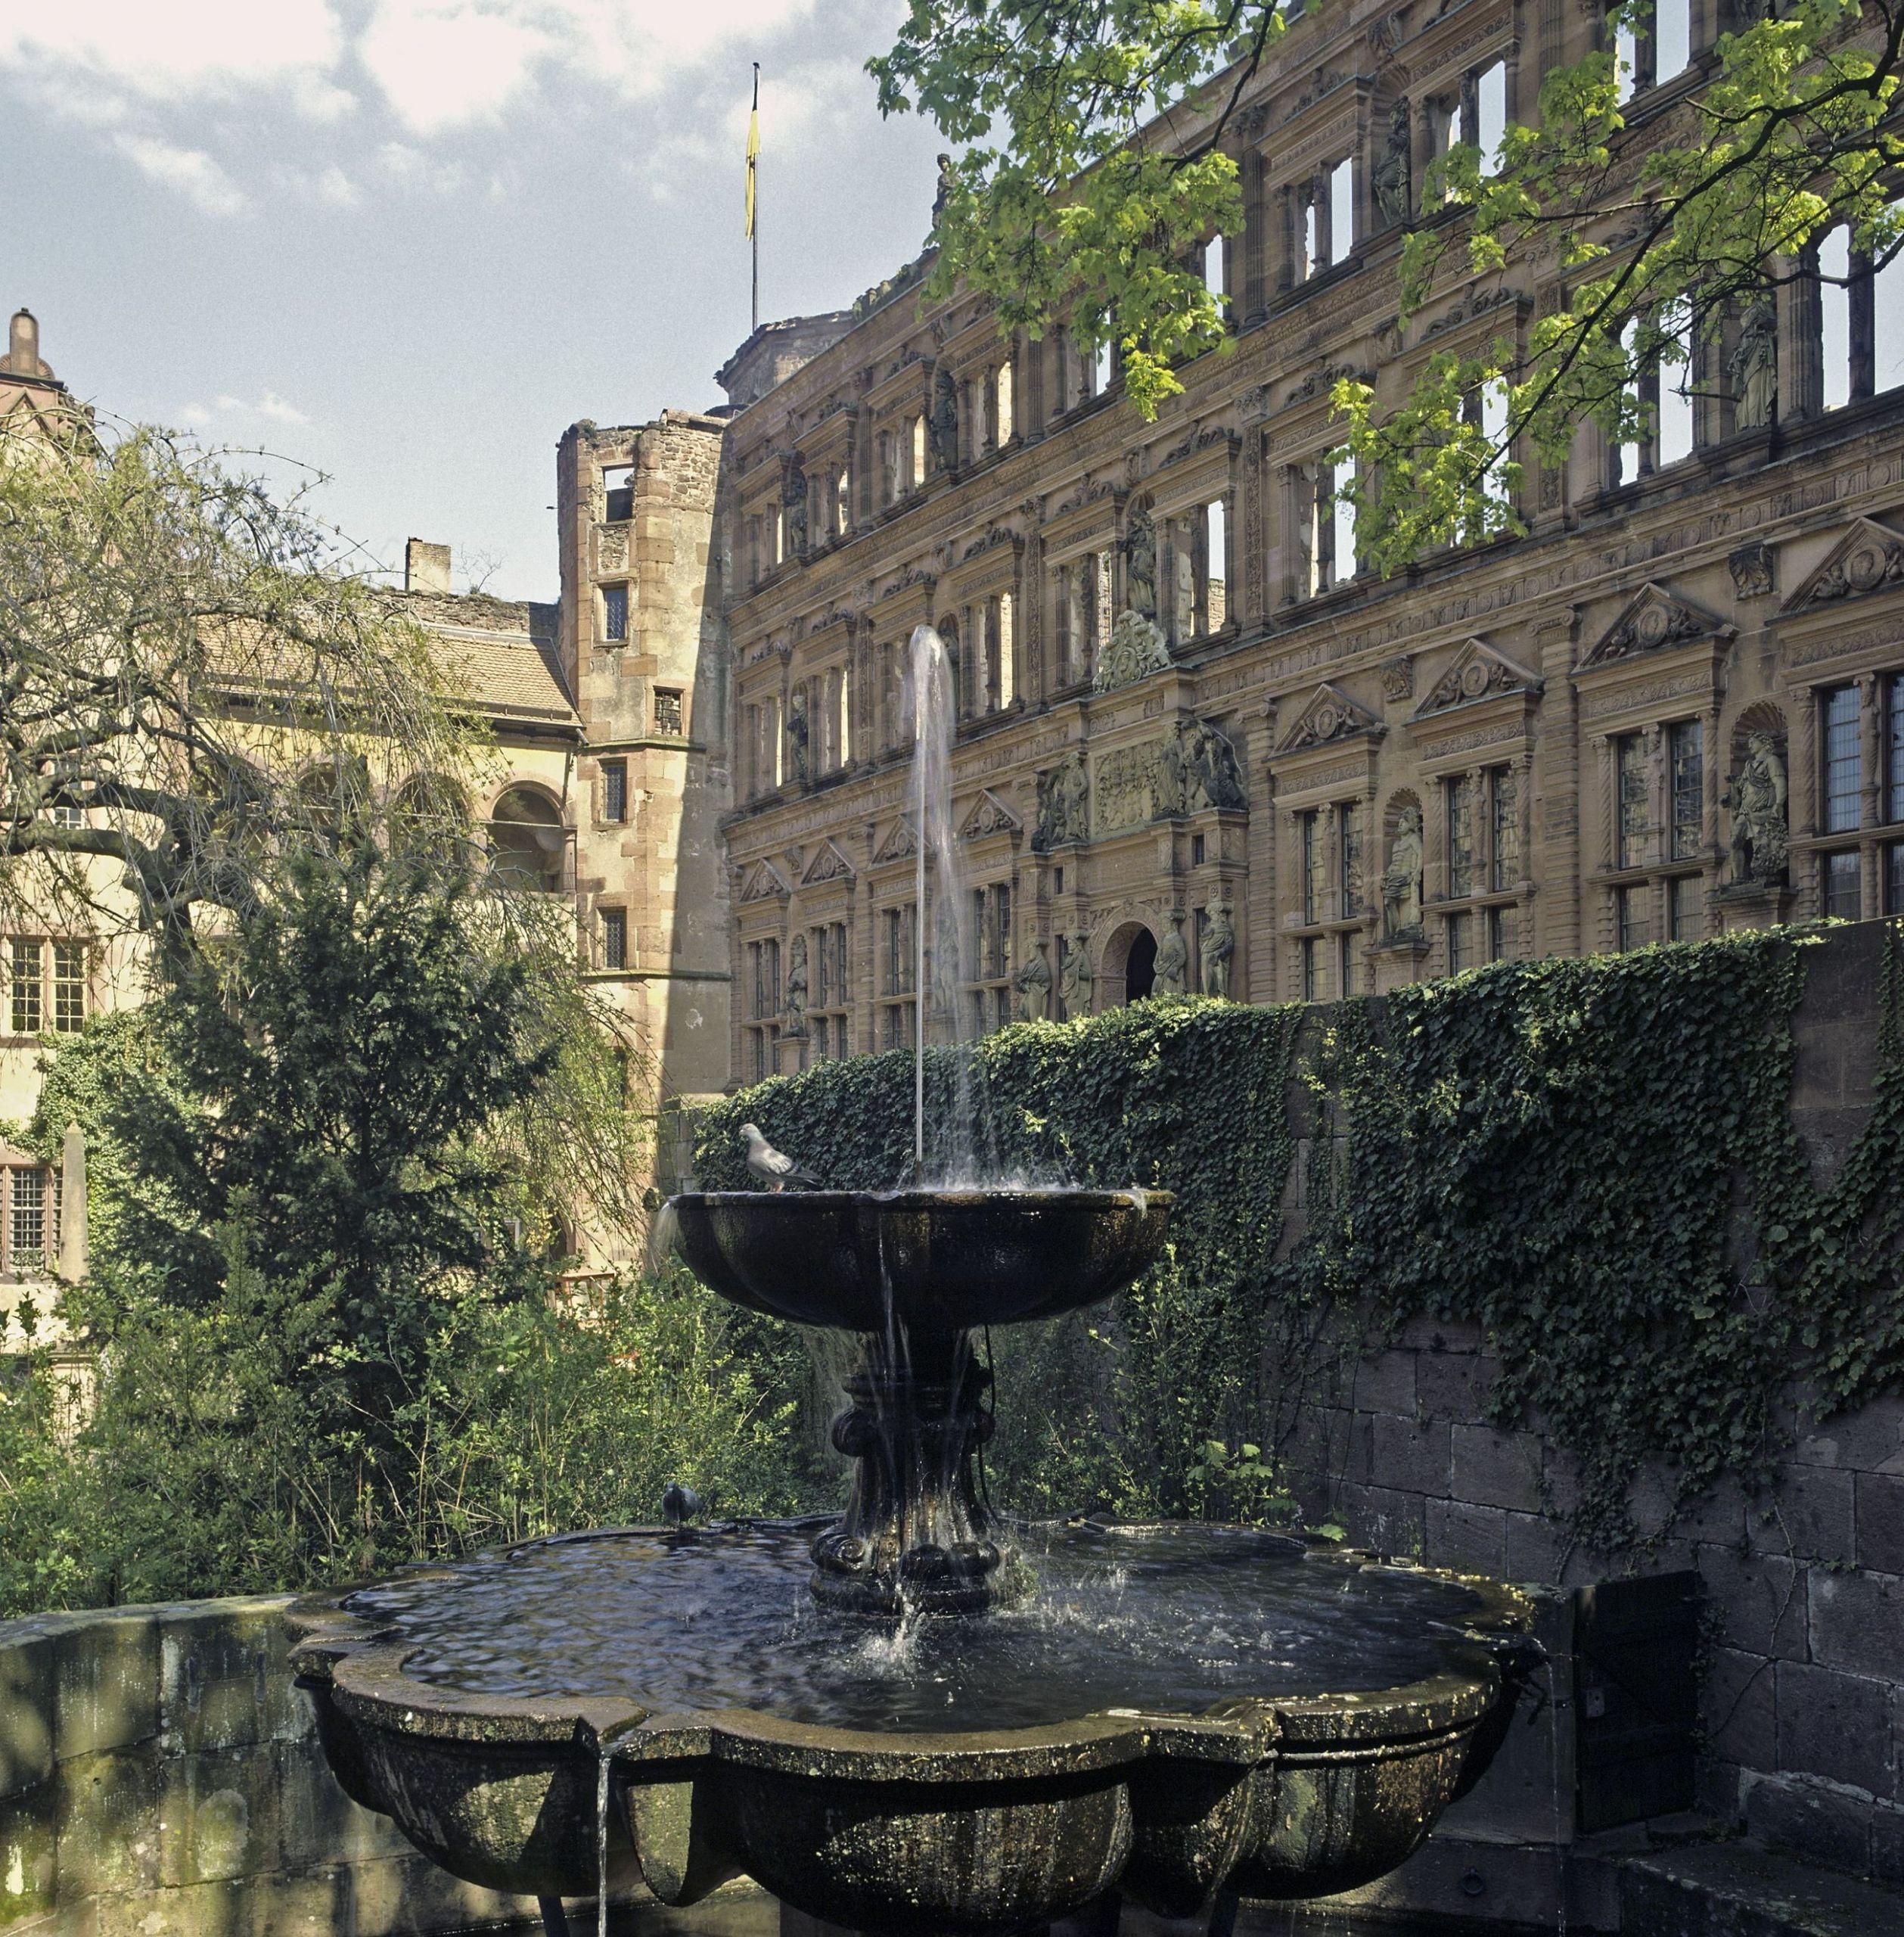 17 Heidelberg Schloss Heidelberg schlosshof LMZ ssg pressebild